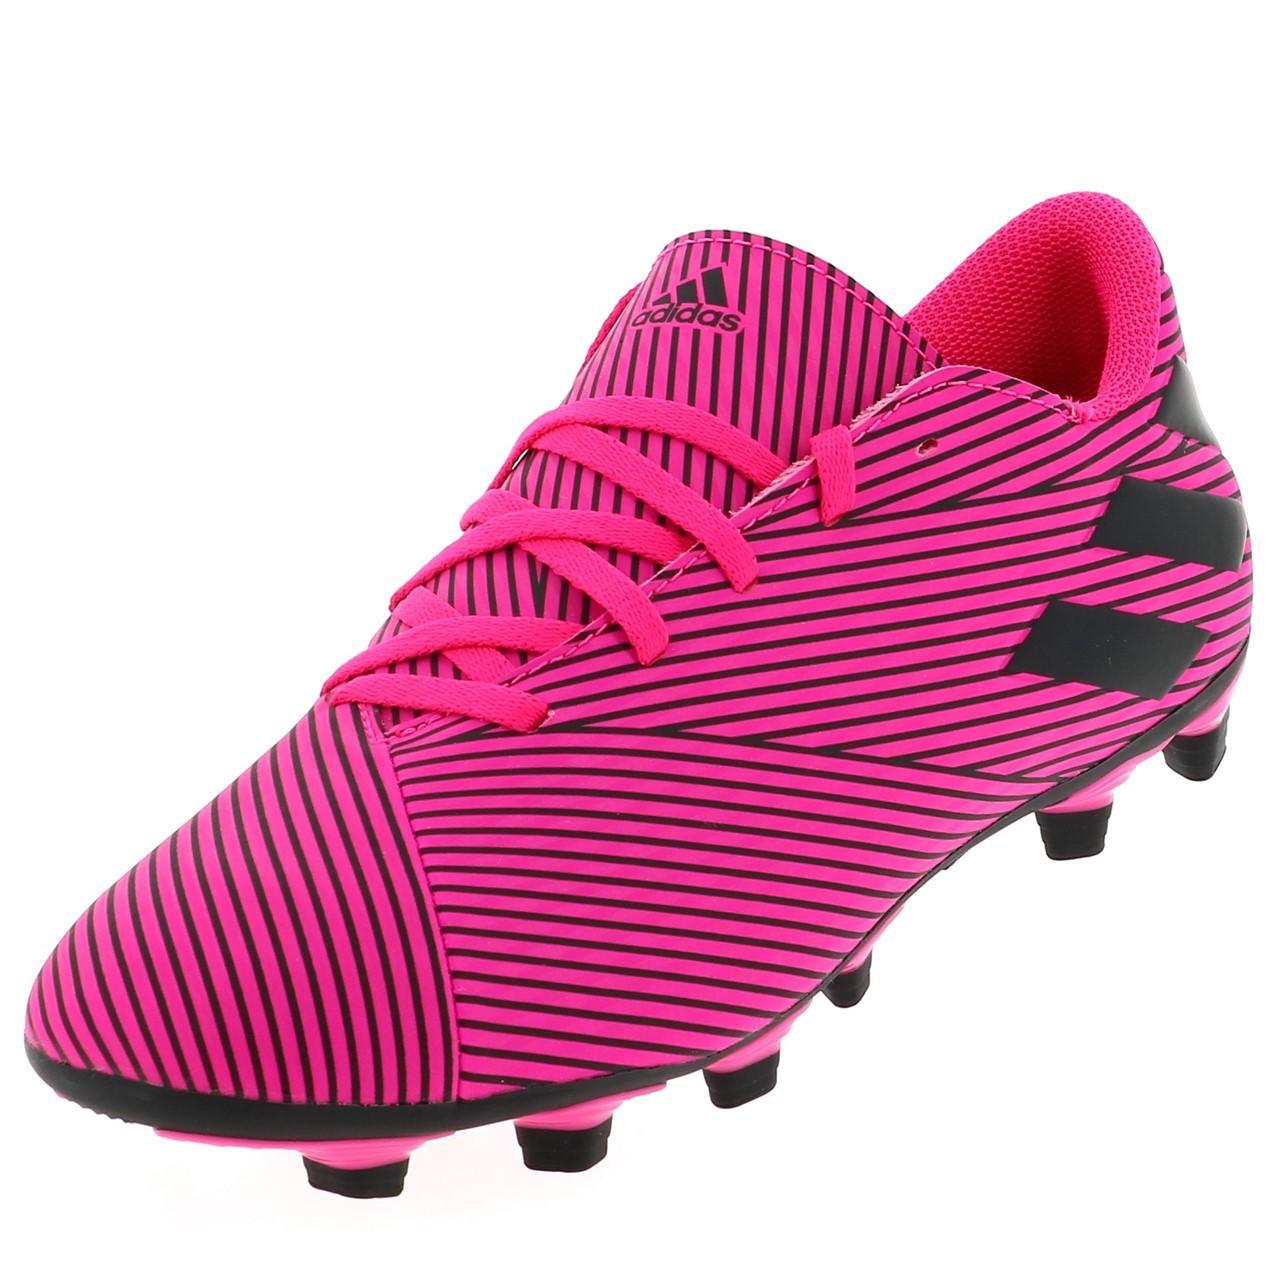 Football-Shoes-Flap-Adidas-Nemeziz-19-4-Fxg-Pink-48290-New